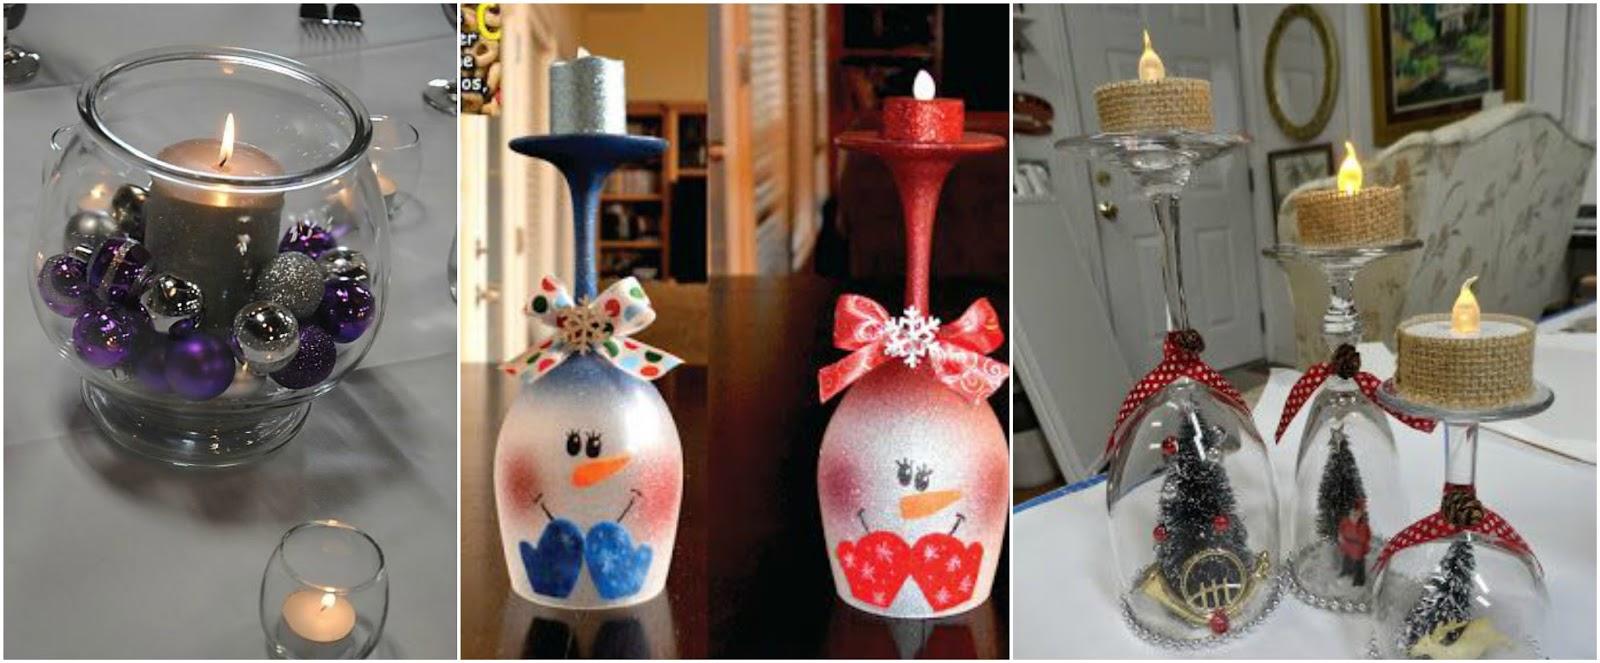 Aprende c mo hacer adornos navide os con copas de vidrio - Como hacer centros navidenos ...